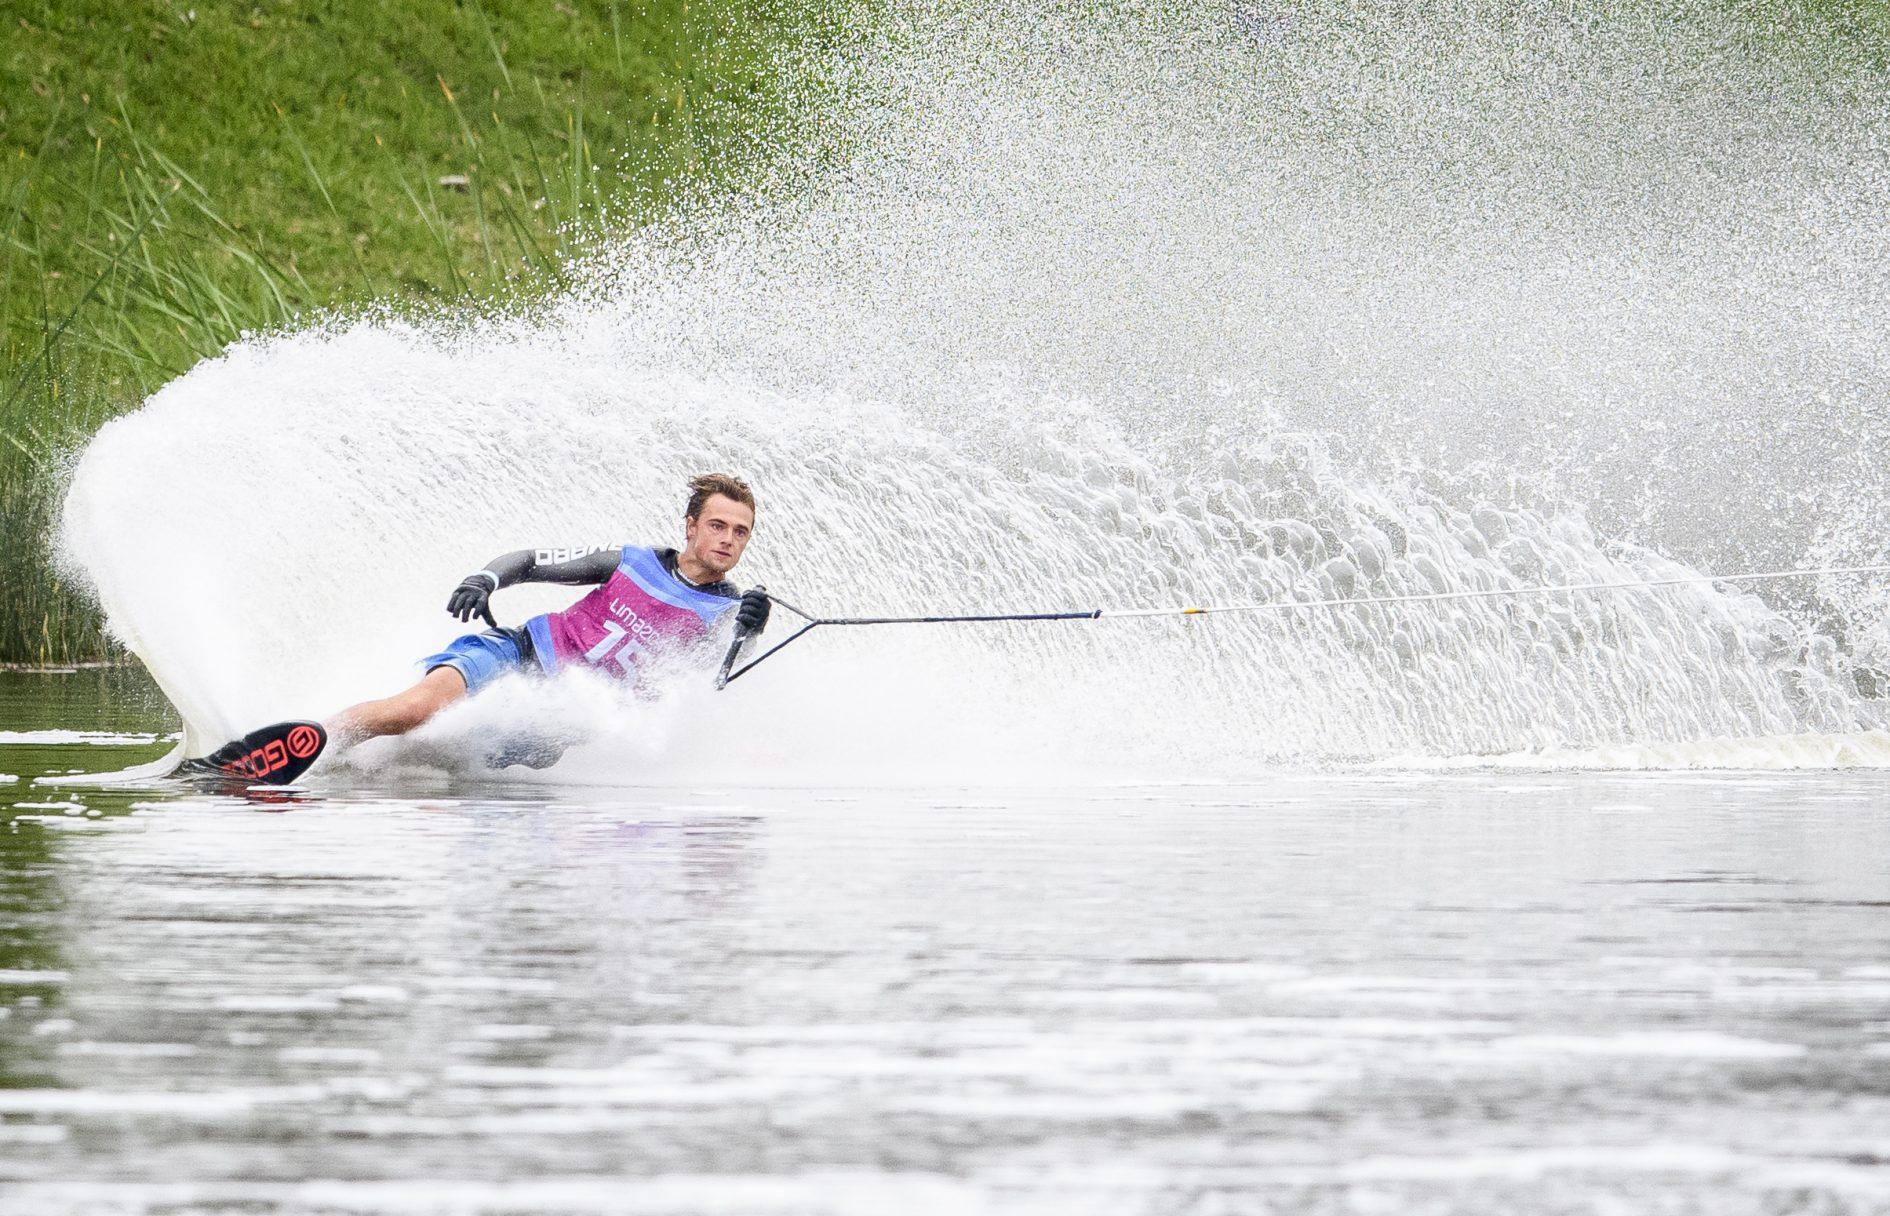 man on waterskis